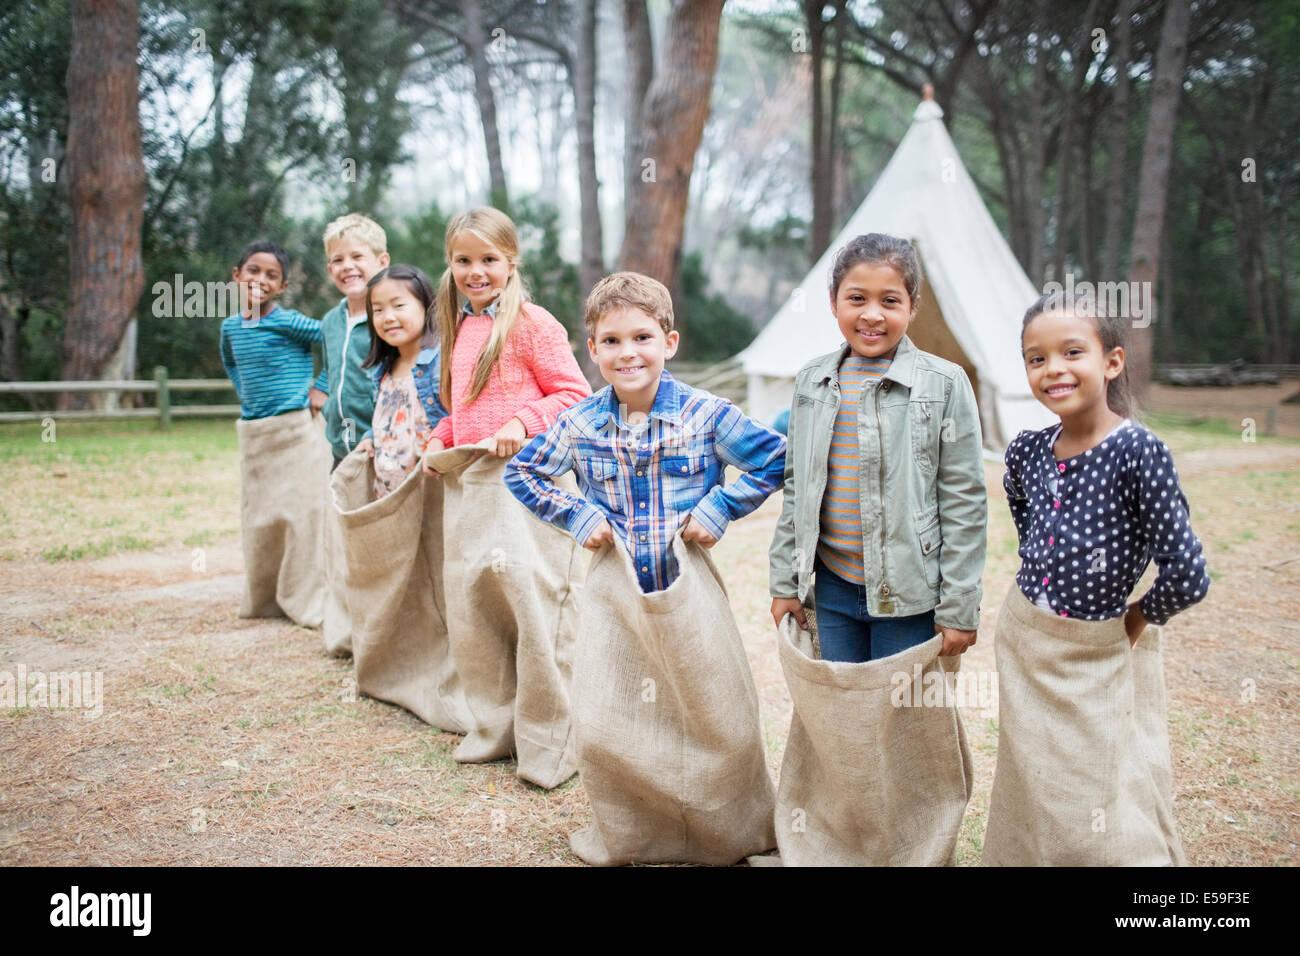 Los niños sonríen al inicio de la carrera de sacos Imagen De Stock